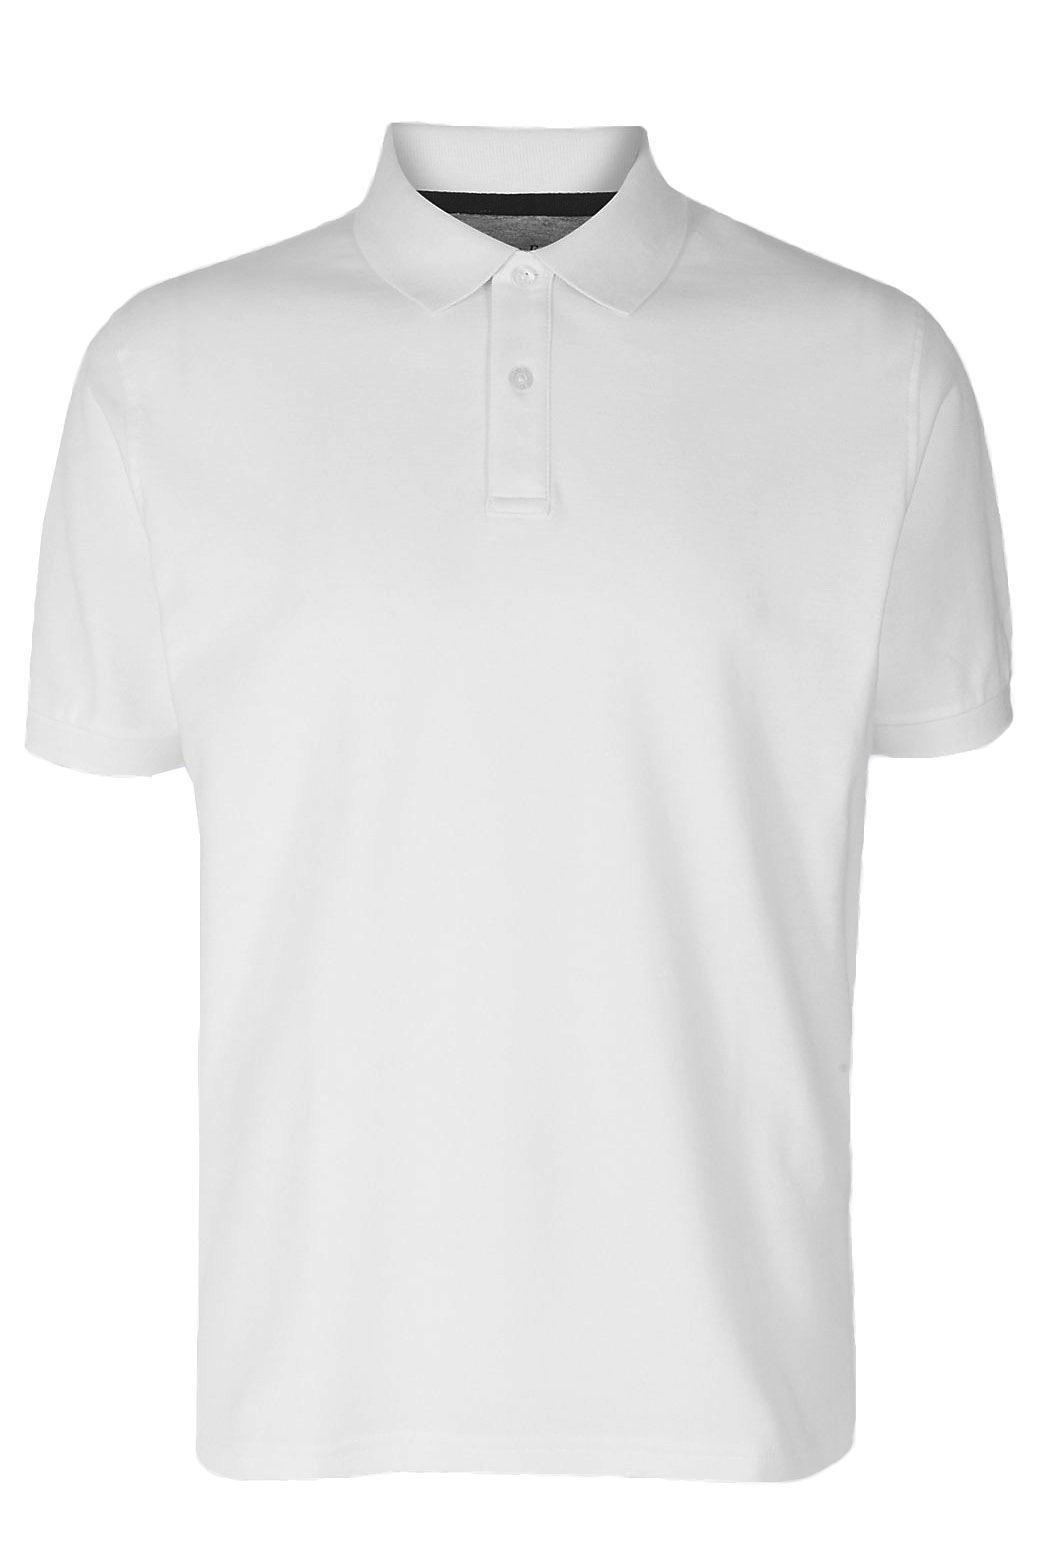 Marks-amp-Spencer-Camisa-Polo-Para-Hombre-Algodon-Clasico-M-amp-S-todos-los-colores-y-tamanos-de miniatura 26